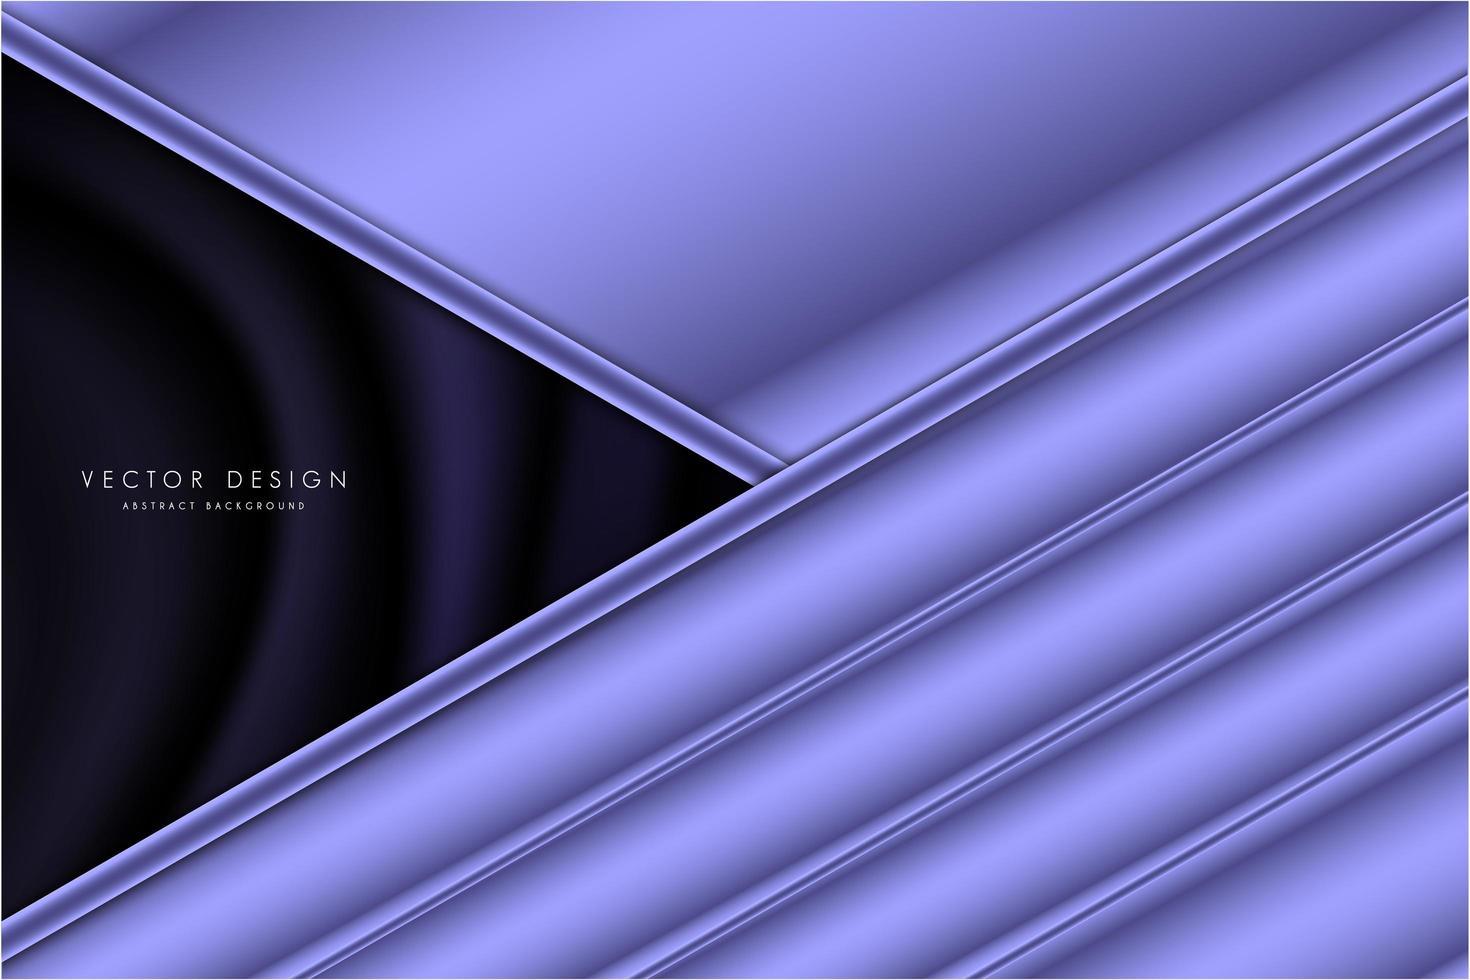 Paneles en ángulo de color púrpura metálico con espacio oscuro de seda vector